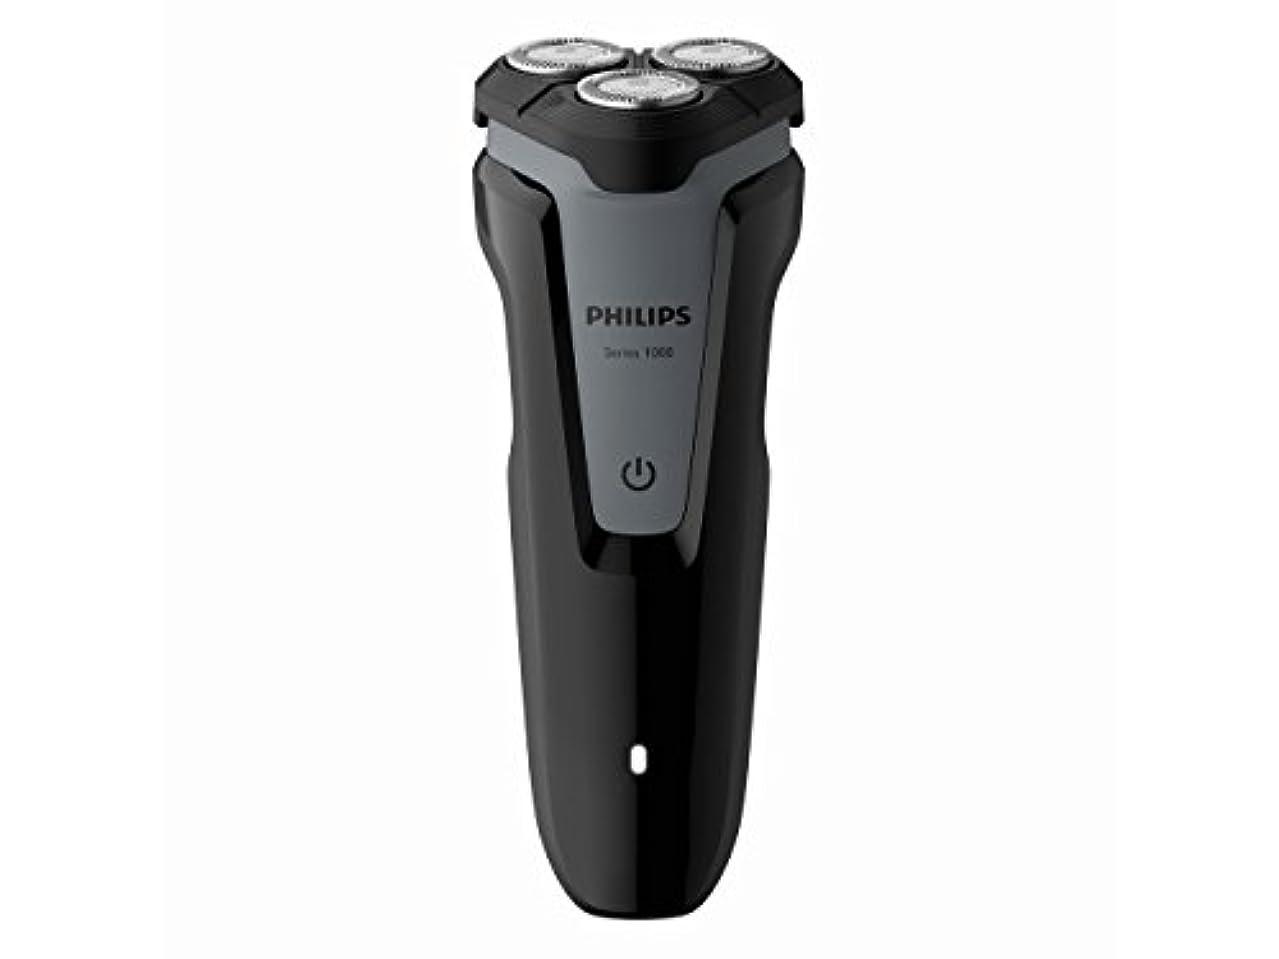 先見の明スタック眉フィリップス 1000シリーズ メンズ電気シェーバー 回転刃 お風呂剃り可 S1041/03